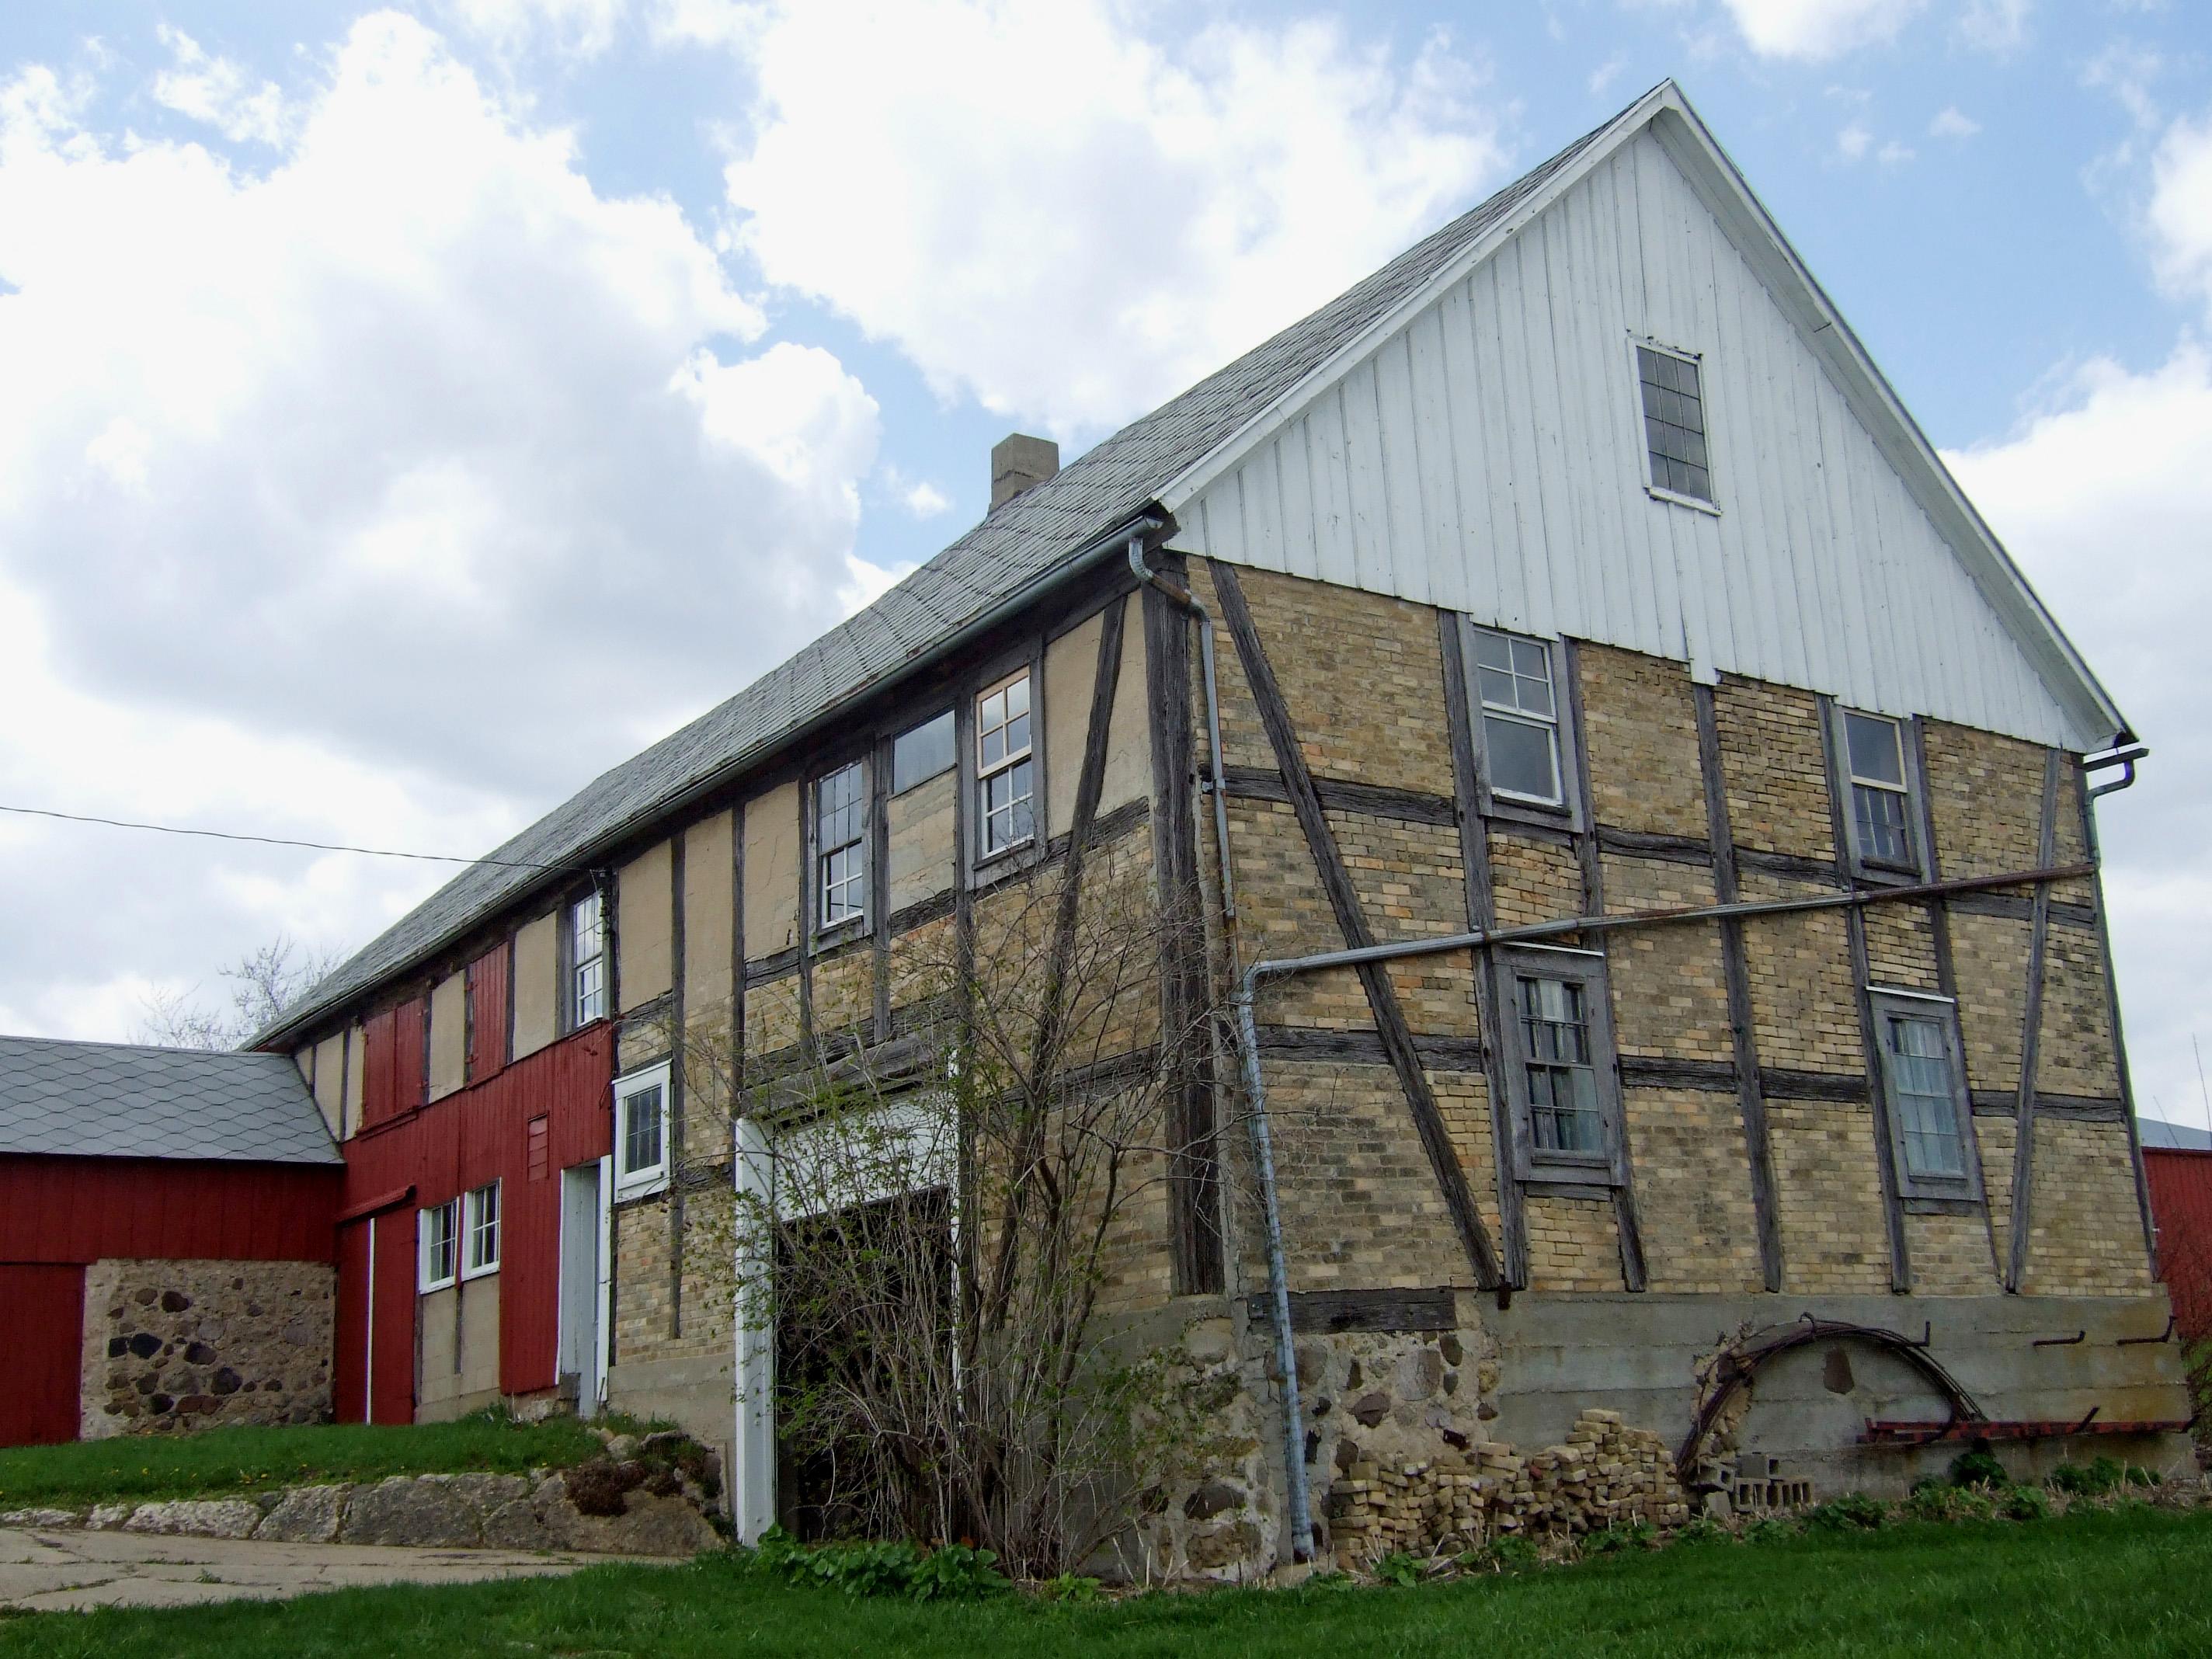 Fachwerkbauernhof in Emmet, Dodge County (Wisconsin), Vereinigte Staaten. Etwa 1850 errichtet für den schlesischen Auswanderer Friedrich Kliese